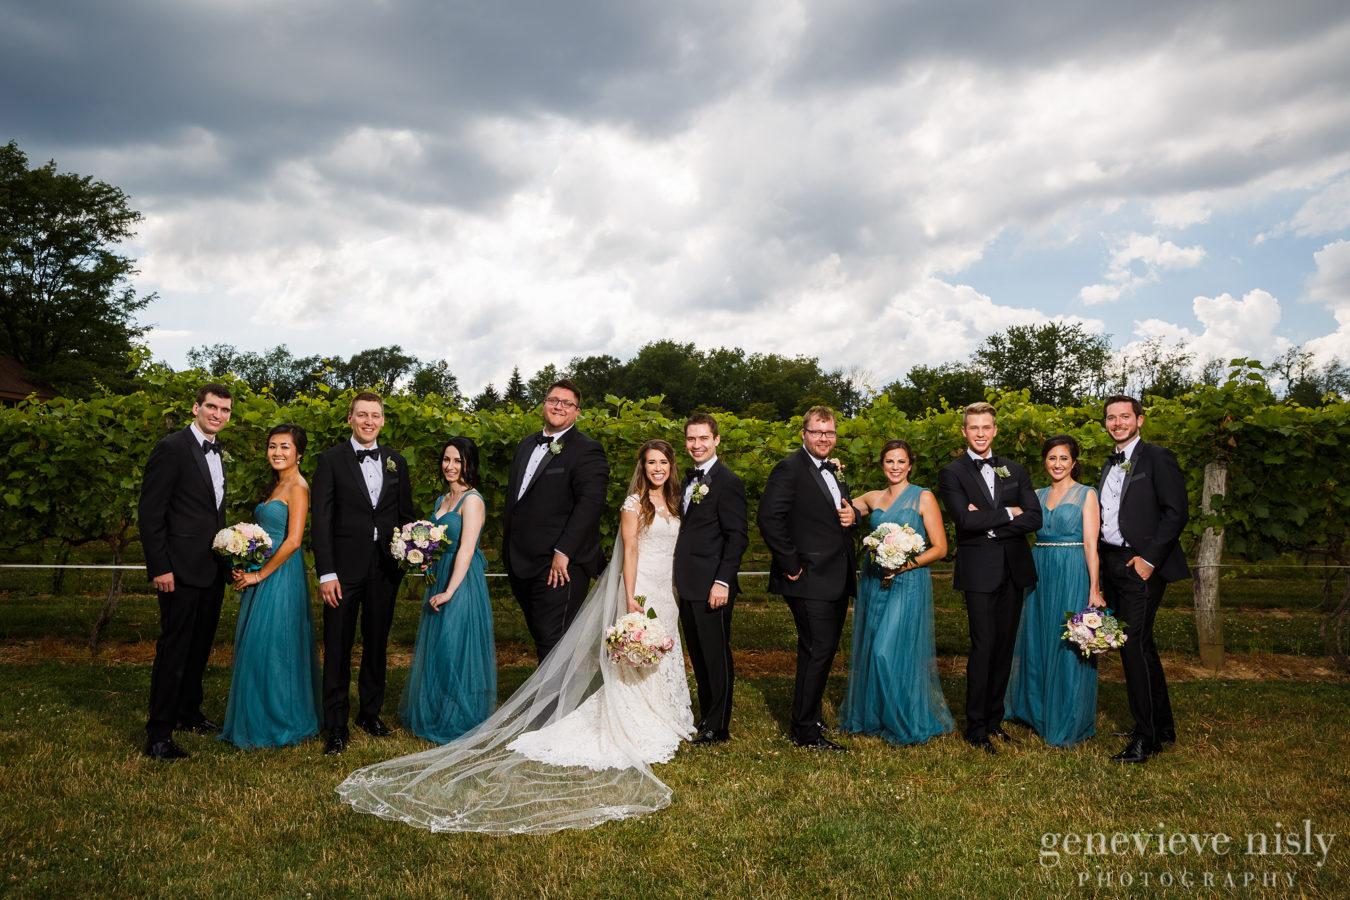 Wedding photo courtesy of Genevieve Nisly Photography